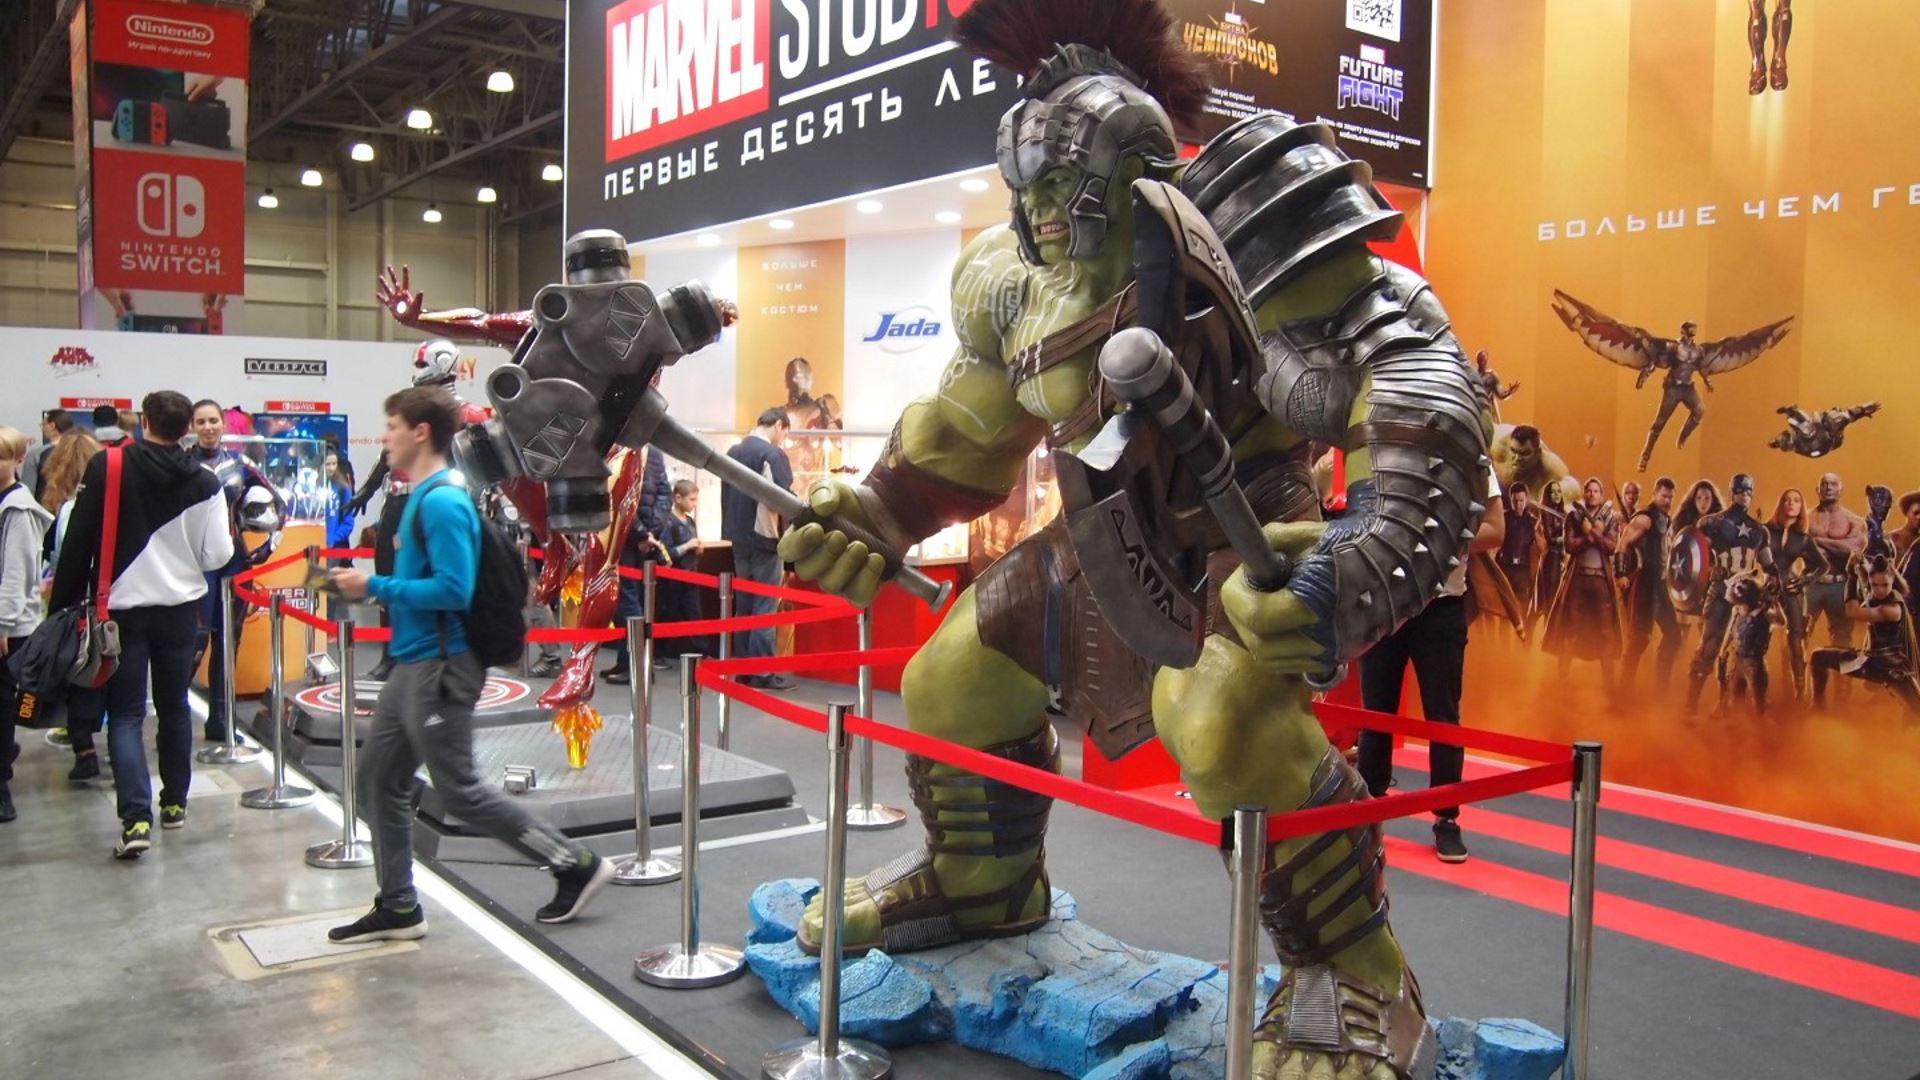 На иллюстрации изображены ростовые фигуры из киновселенной Marvel на Comic Con Russia 2018